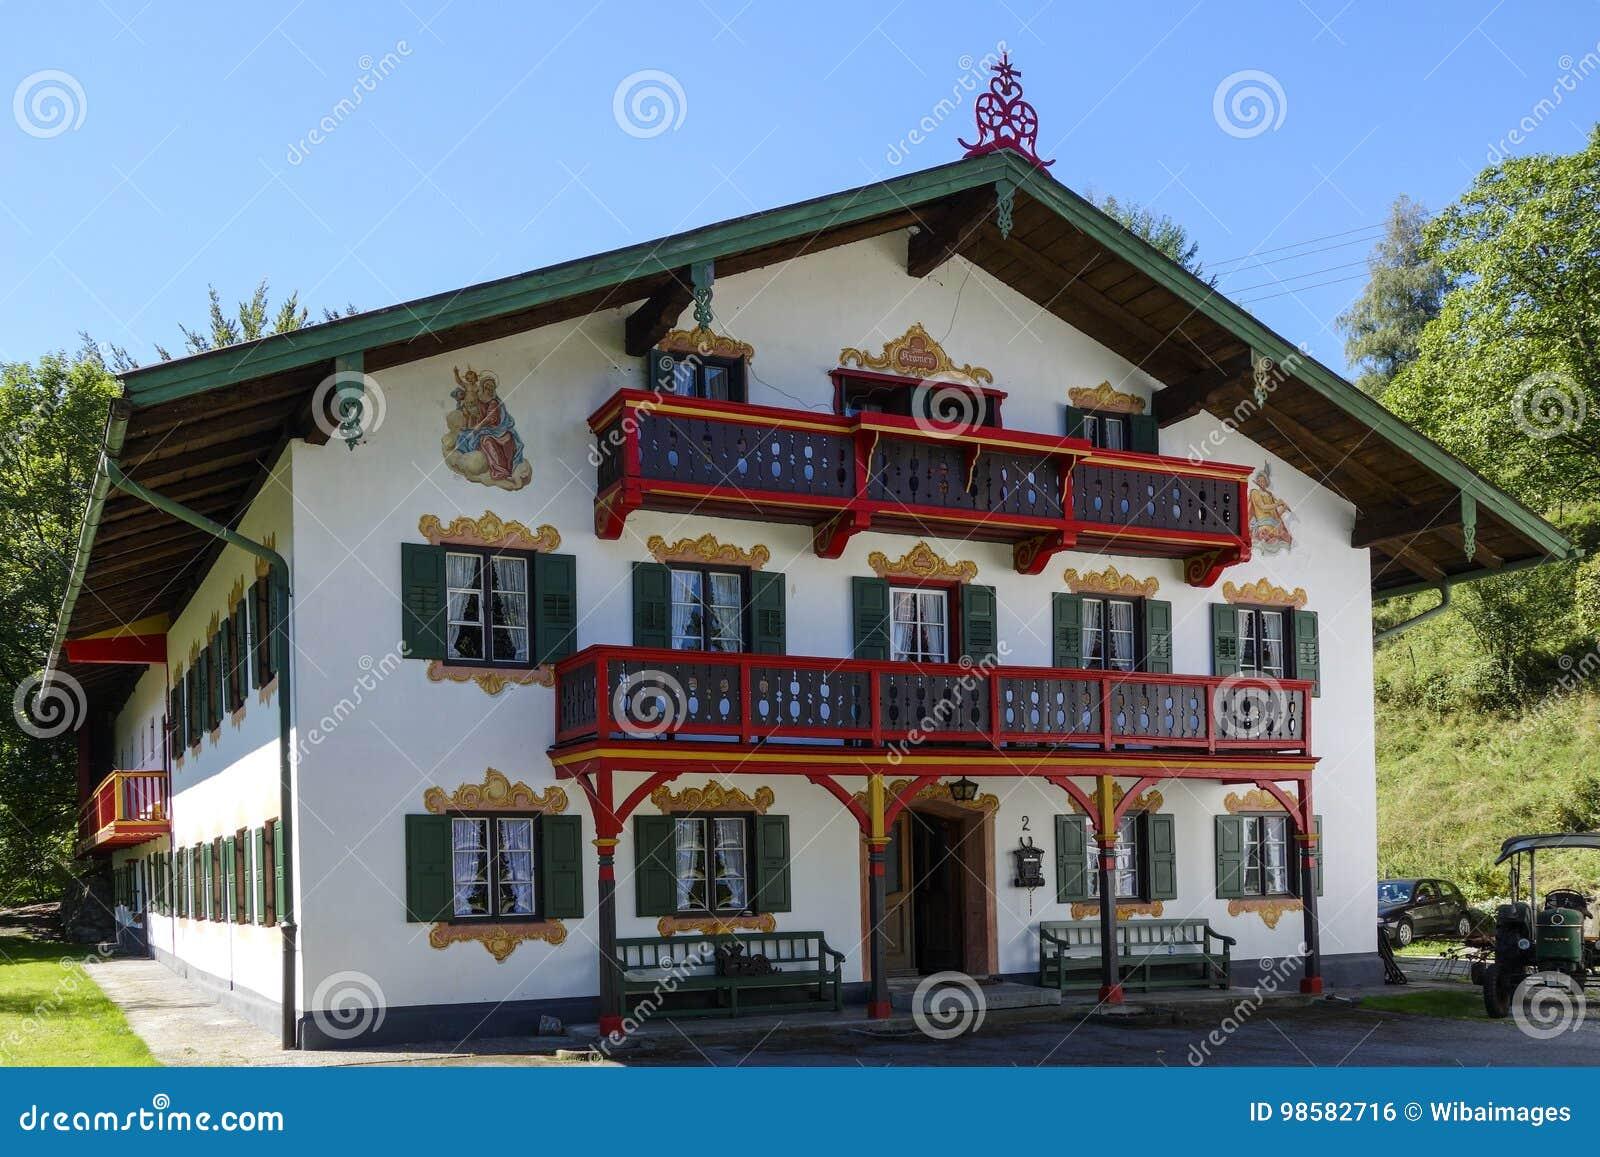 Bauernhaus Bayern bauernhaus in kochel morgens sehen, bayern redaktionelles foto